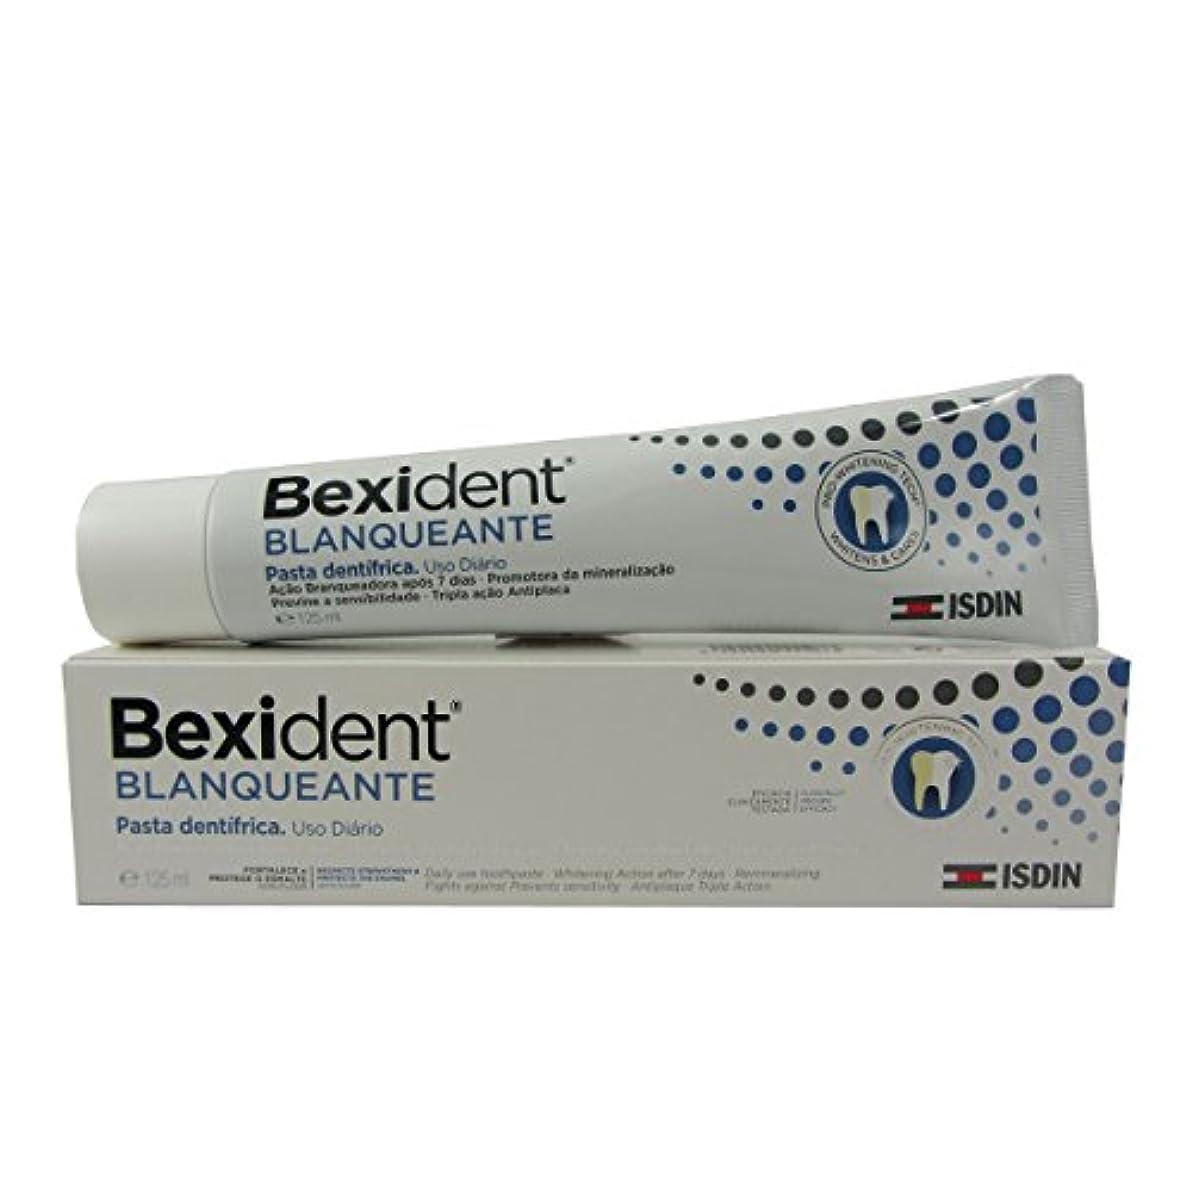 影響力のある反発する蚊Bexident Whitening Toothpaste 125ml [並行輸入品]